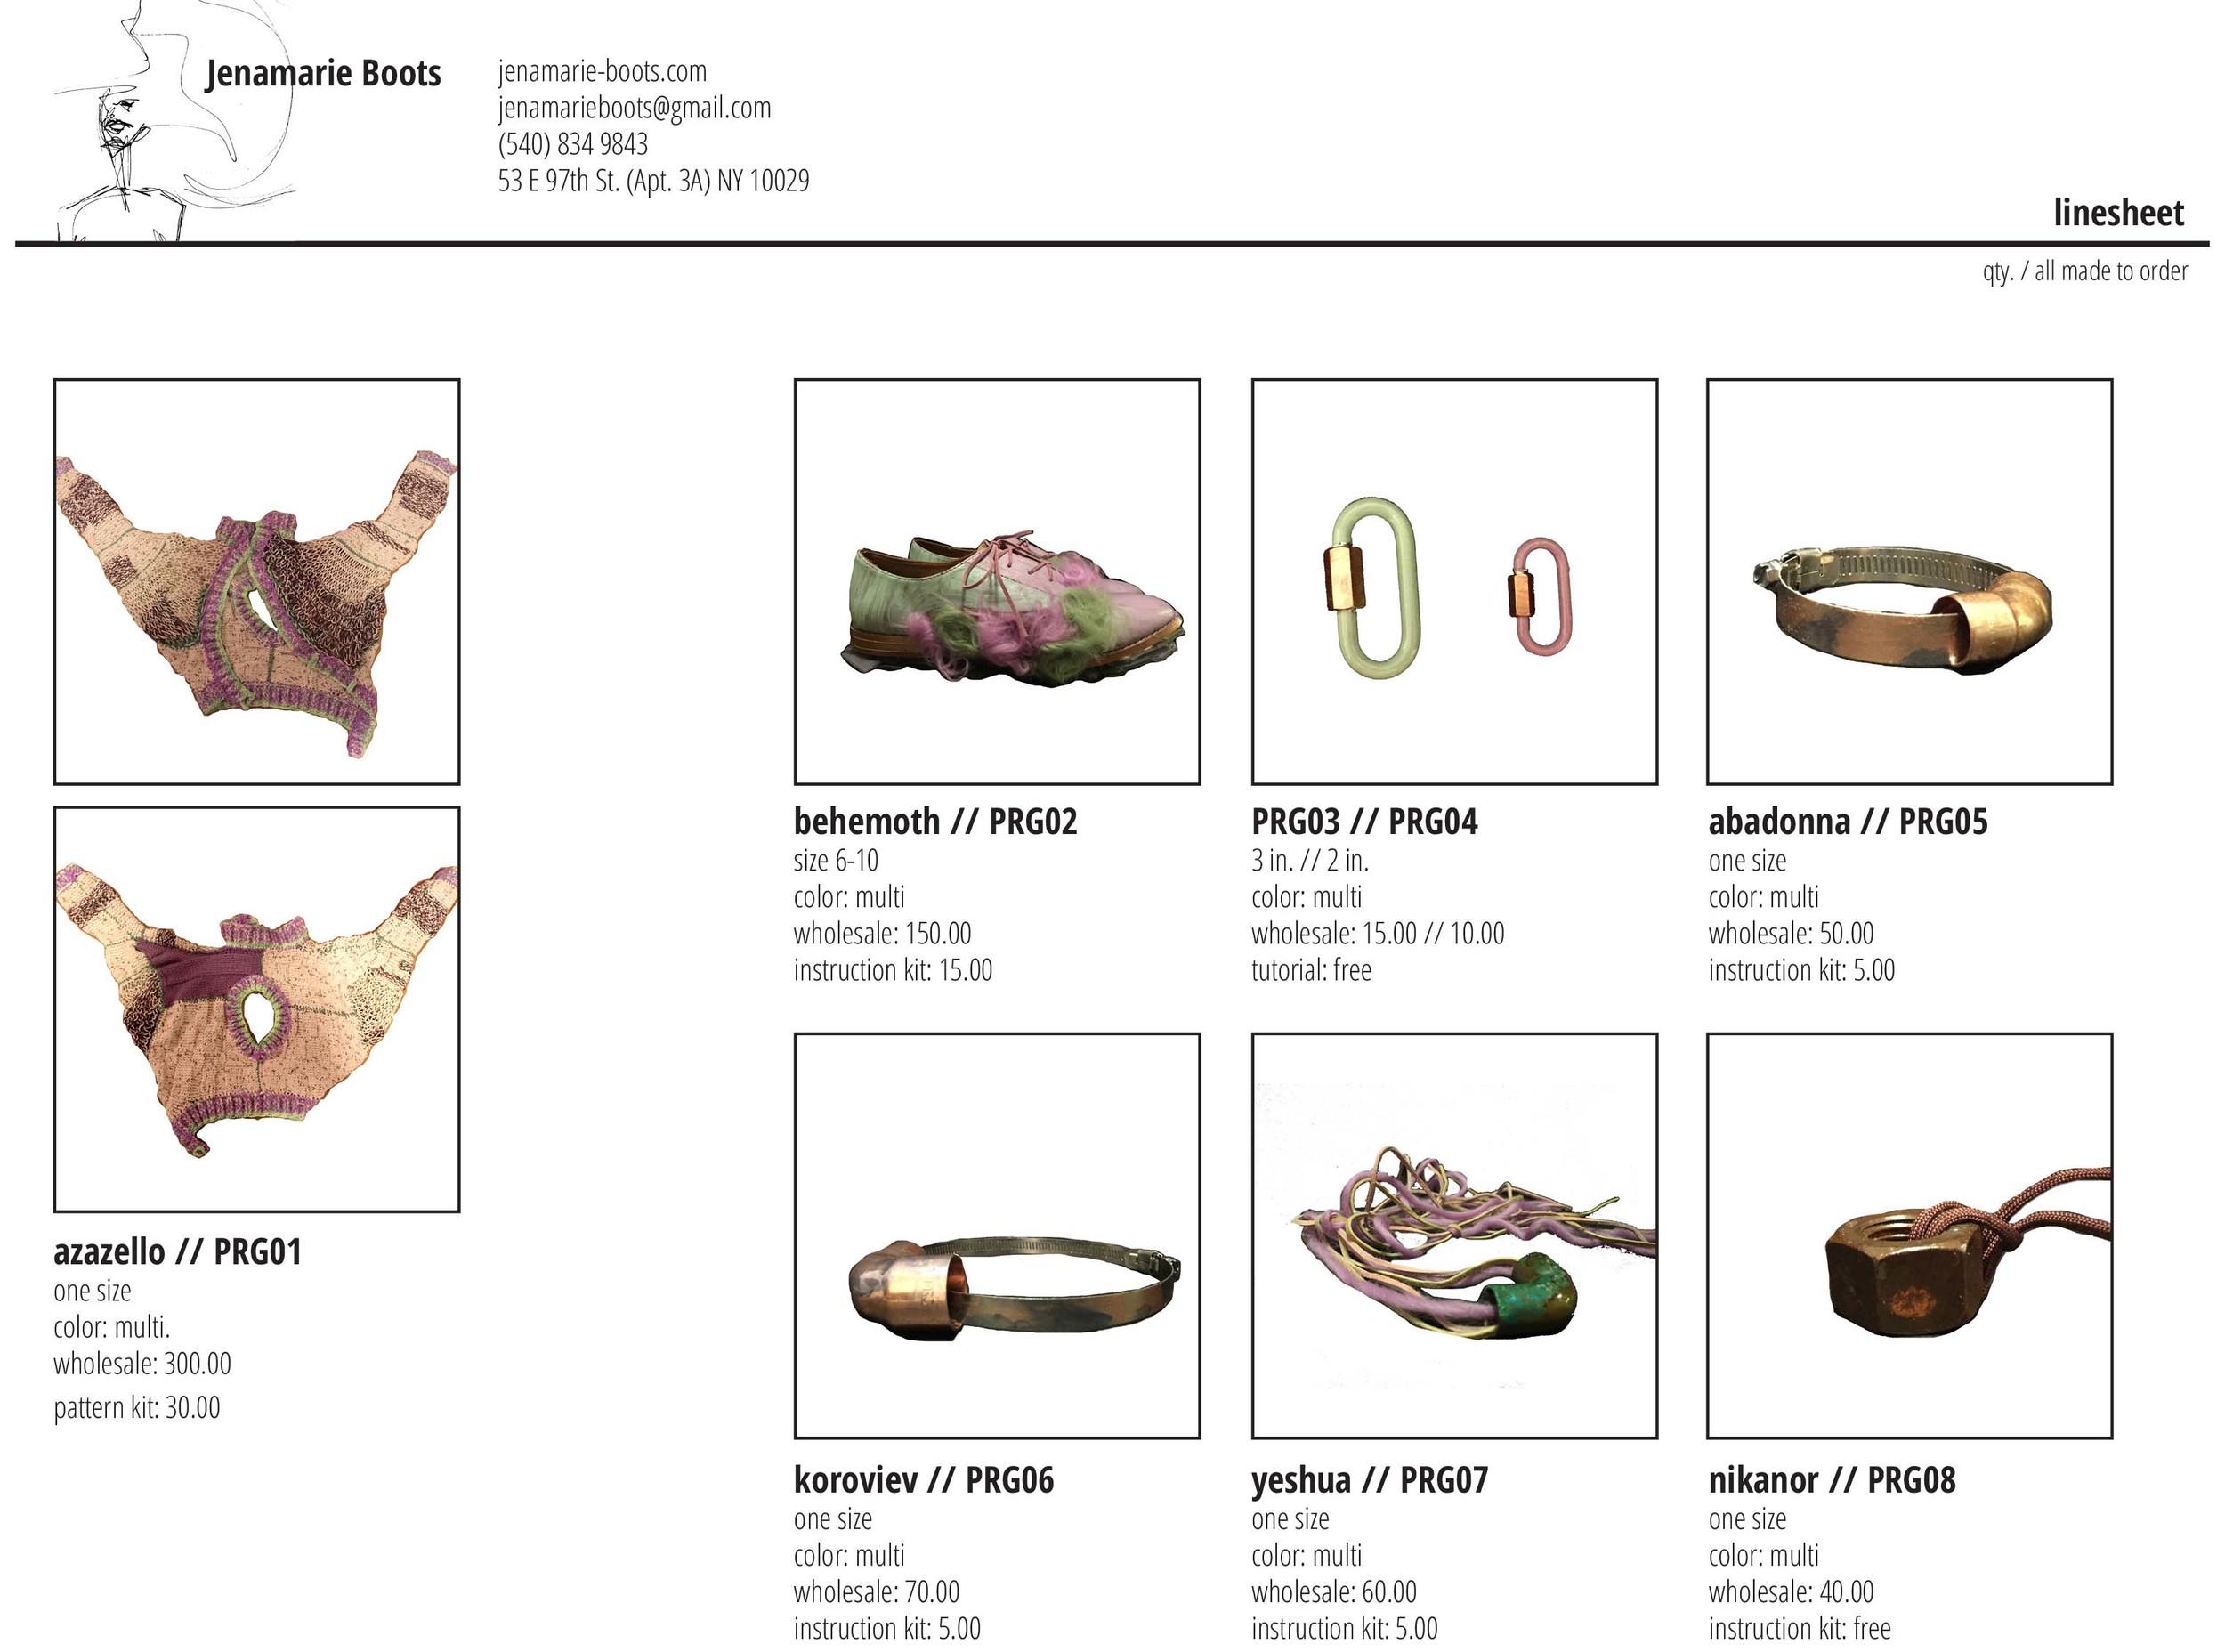 boots_linesheet.jpg